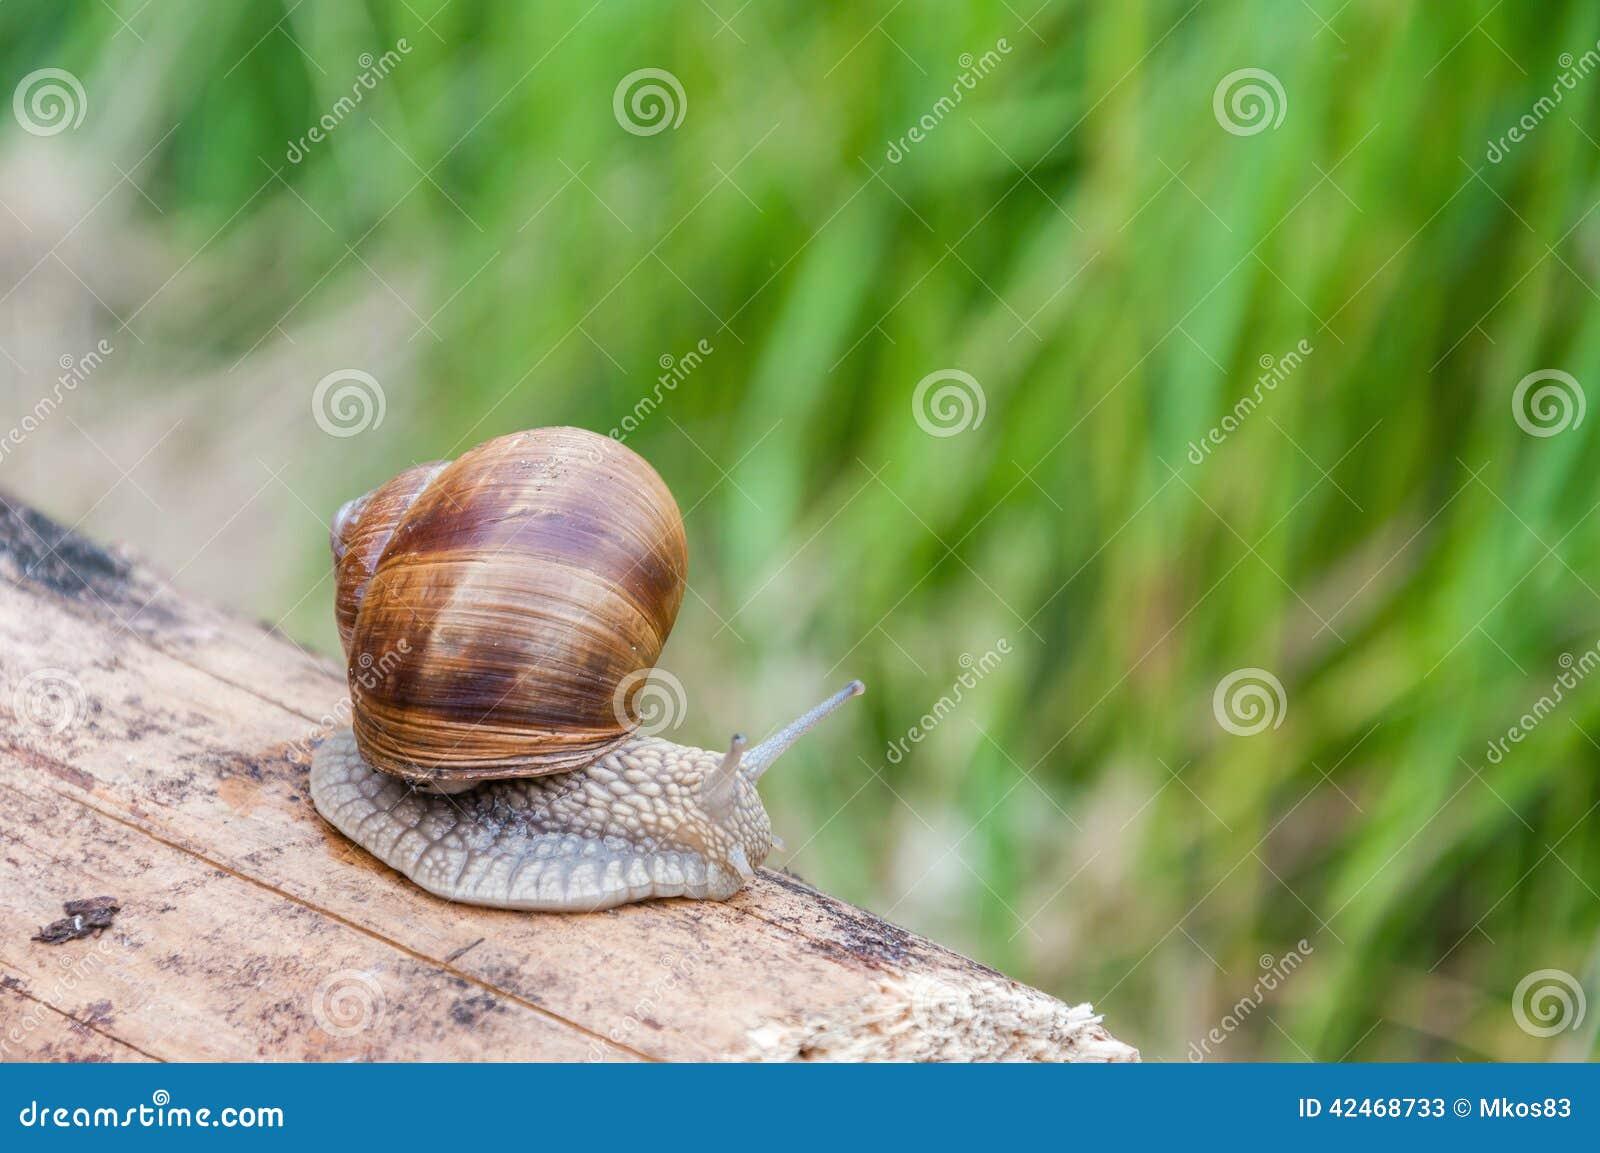 Schnecke auf einem Stück Holz